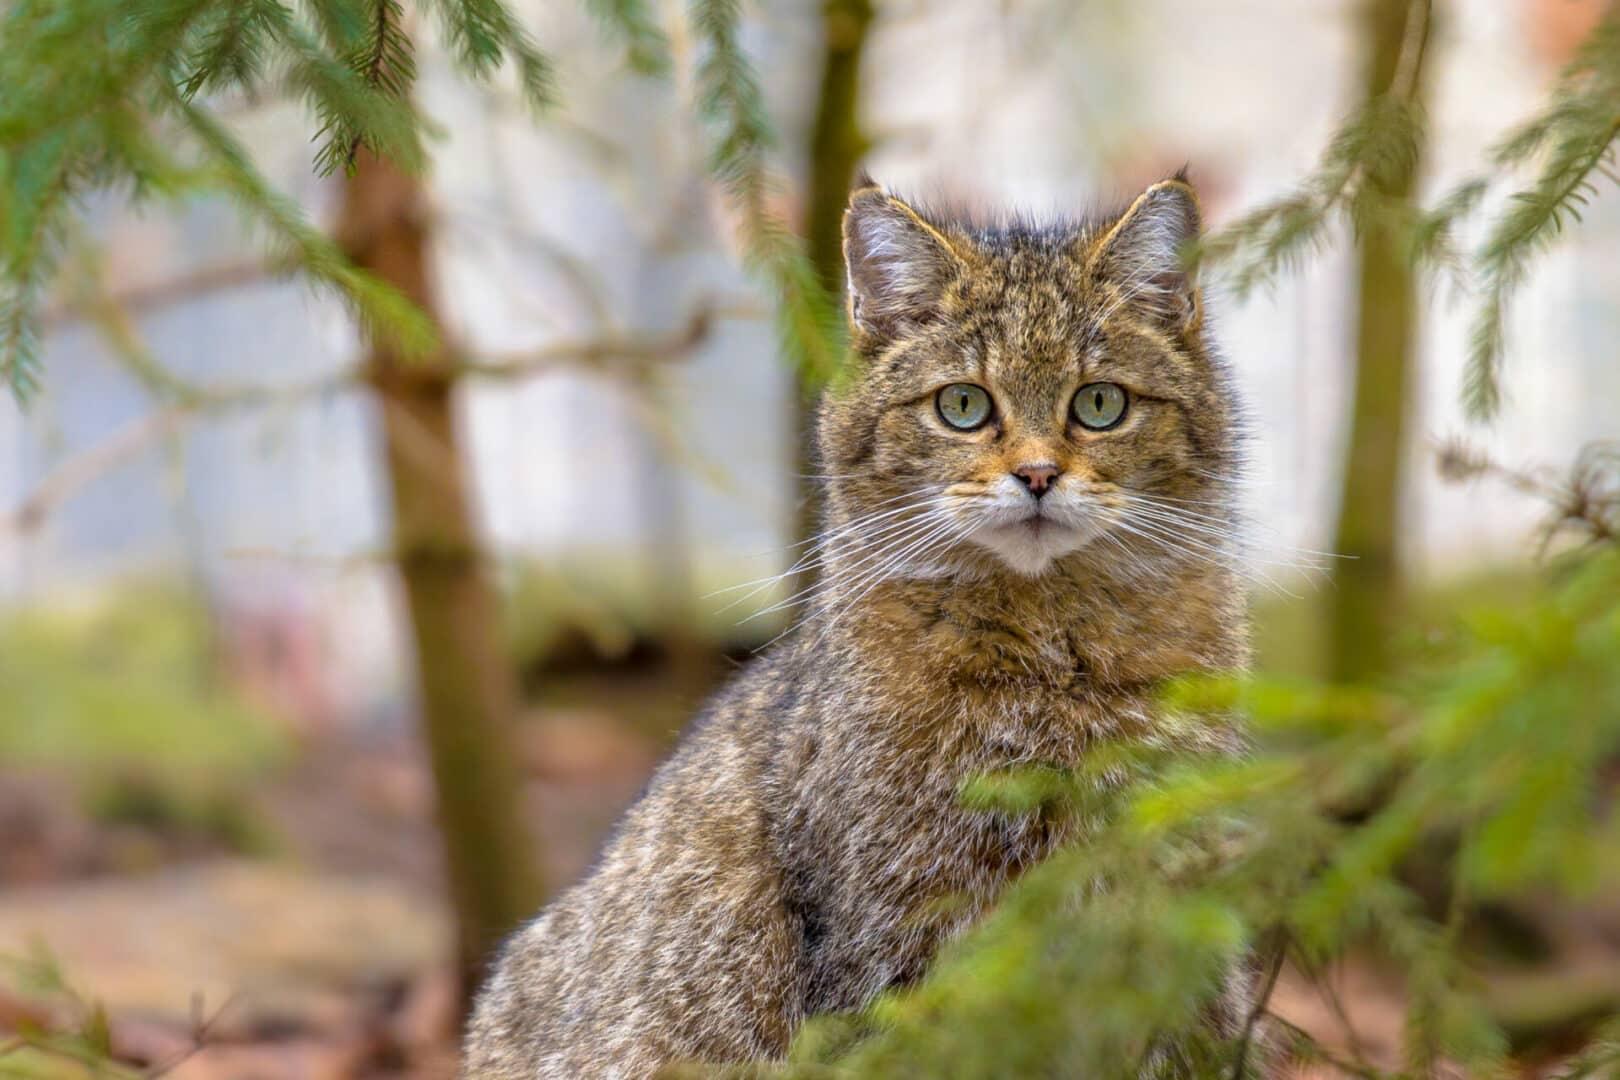 cute Scottish wildcat